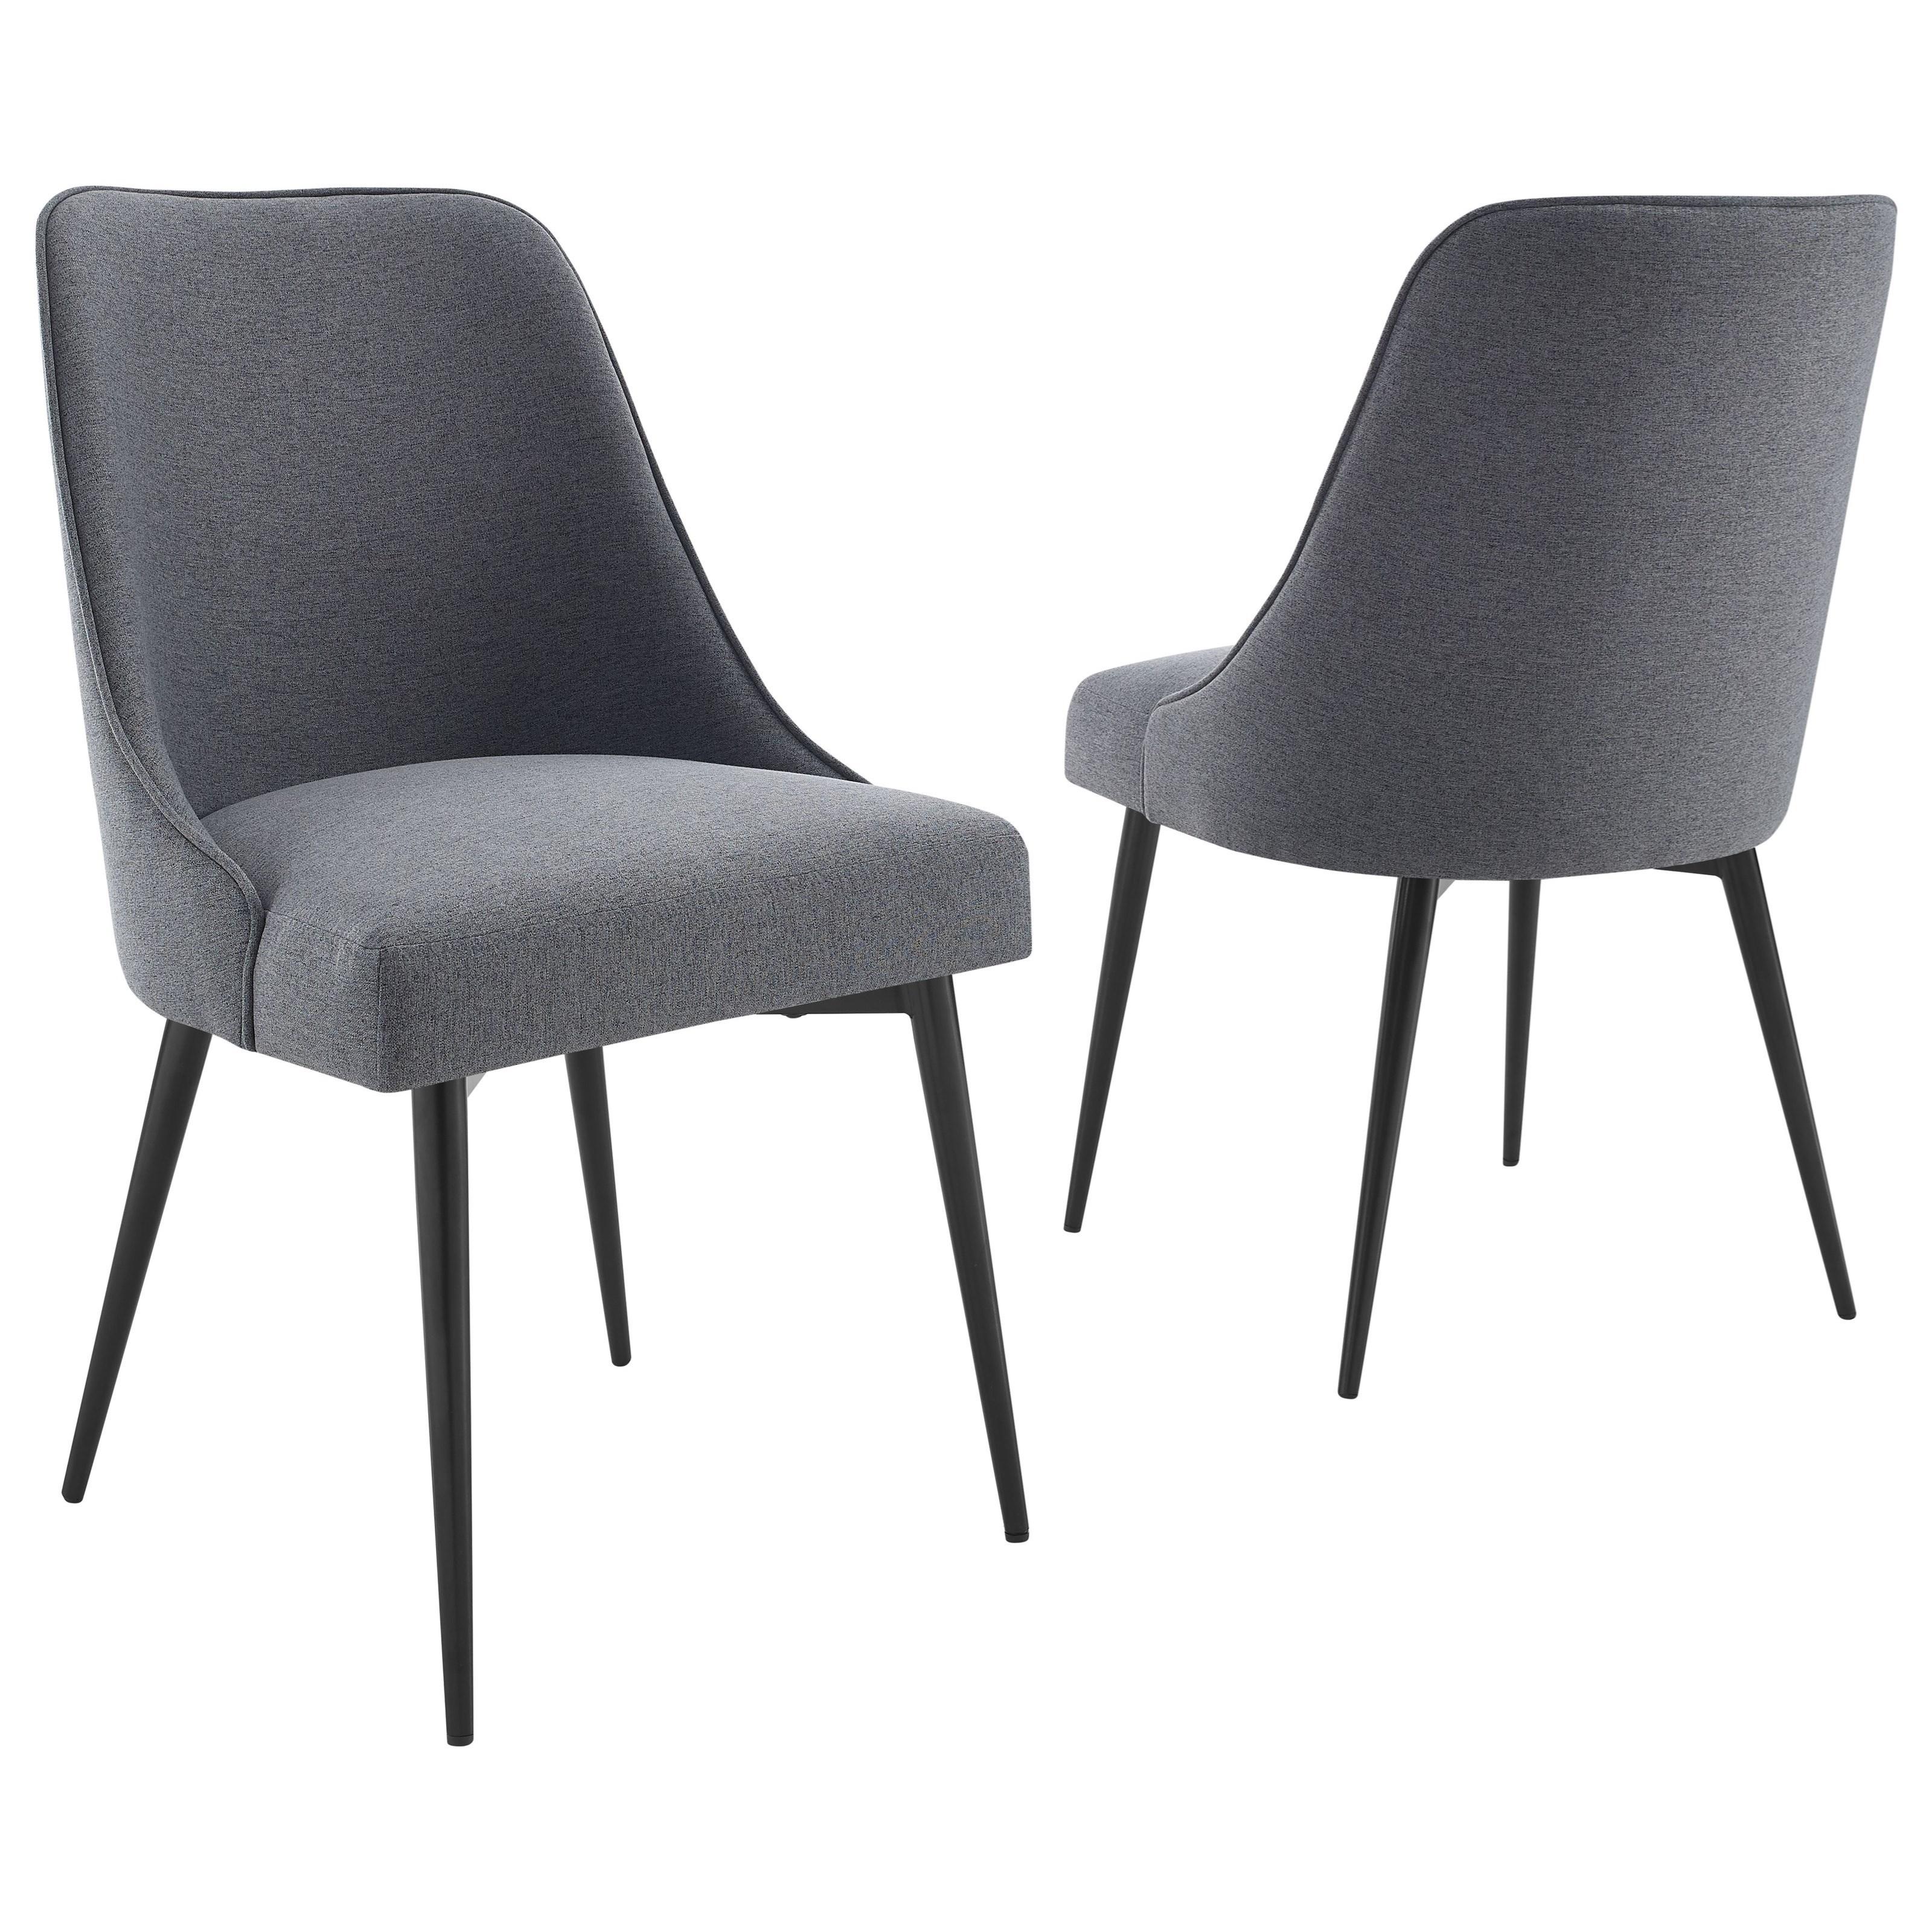 Dining Room Furniture Essentials: Belfort Essentials Colfax Mid Century Modern 5 Piece